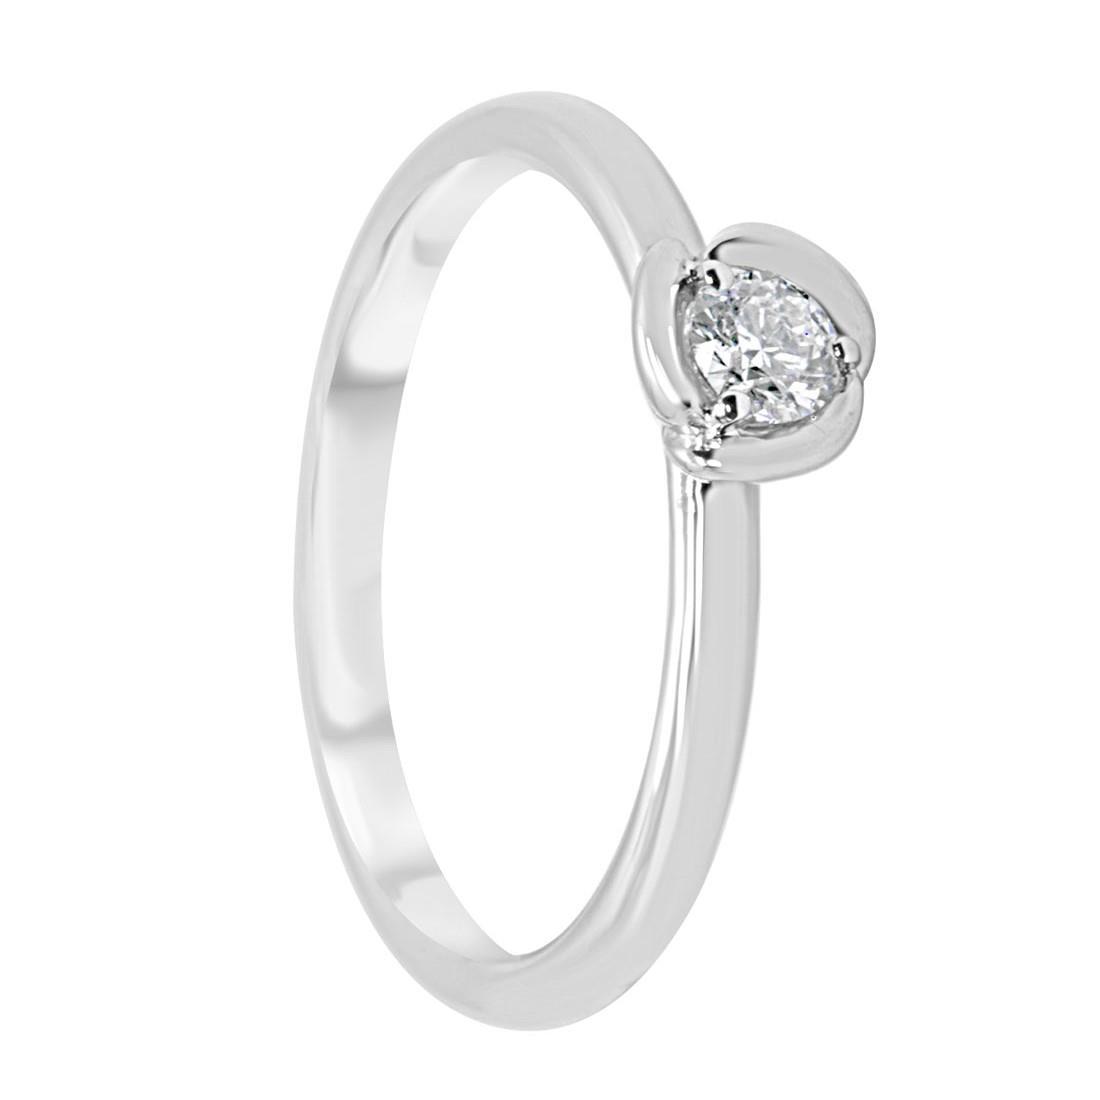 Anello solitario in oro bianco con diamante 0,15 ct mis 14 - ORO&CO